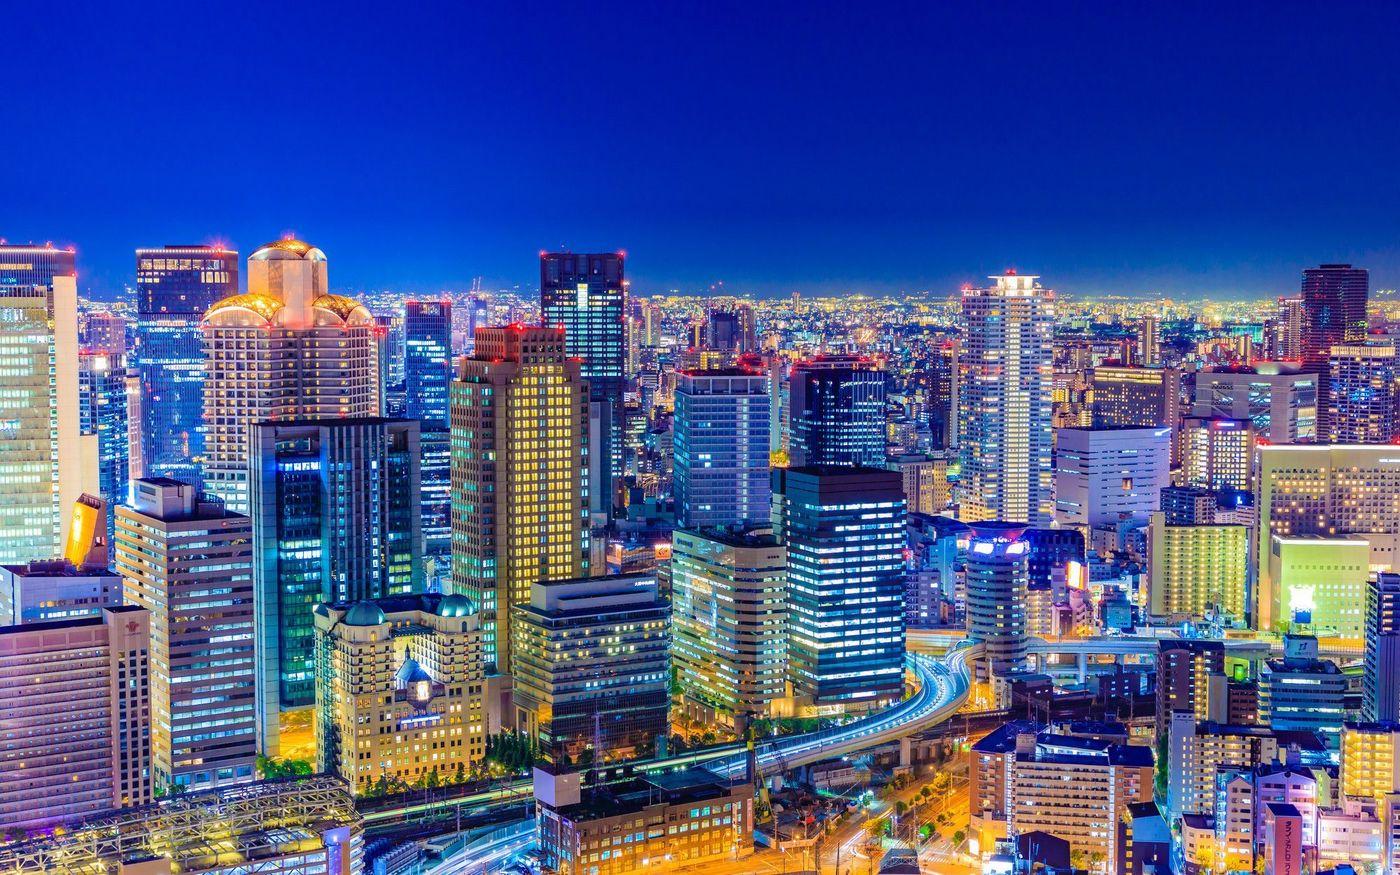 【大阪】ワンランク上の写真を撮りたいならココがおすすめ!の11枚目の画像の画像